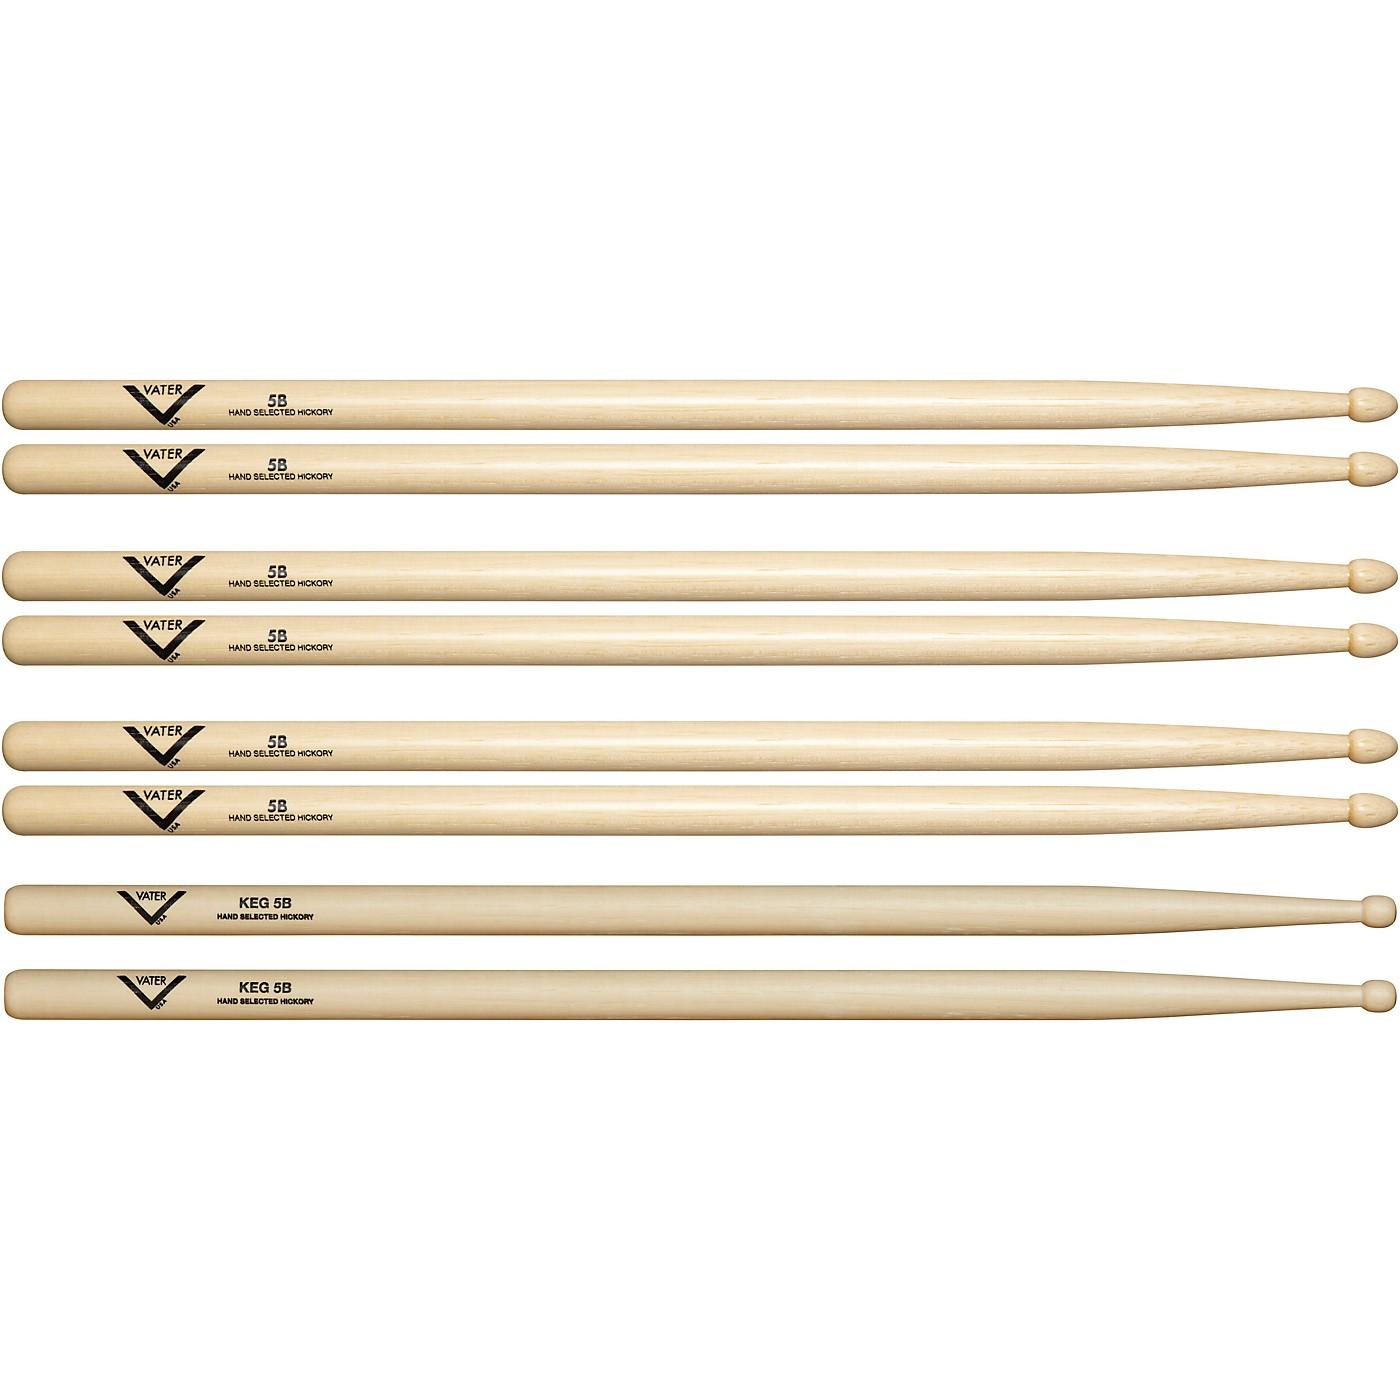 Vater Buy 3 5B Wood Drumsticks, Get 1 Free KEG 5B thumbnail